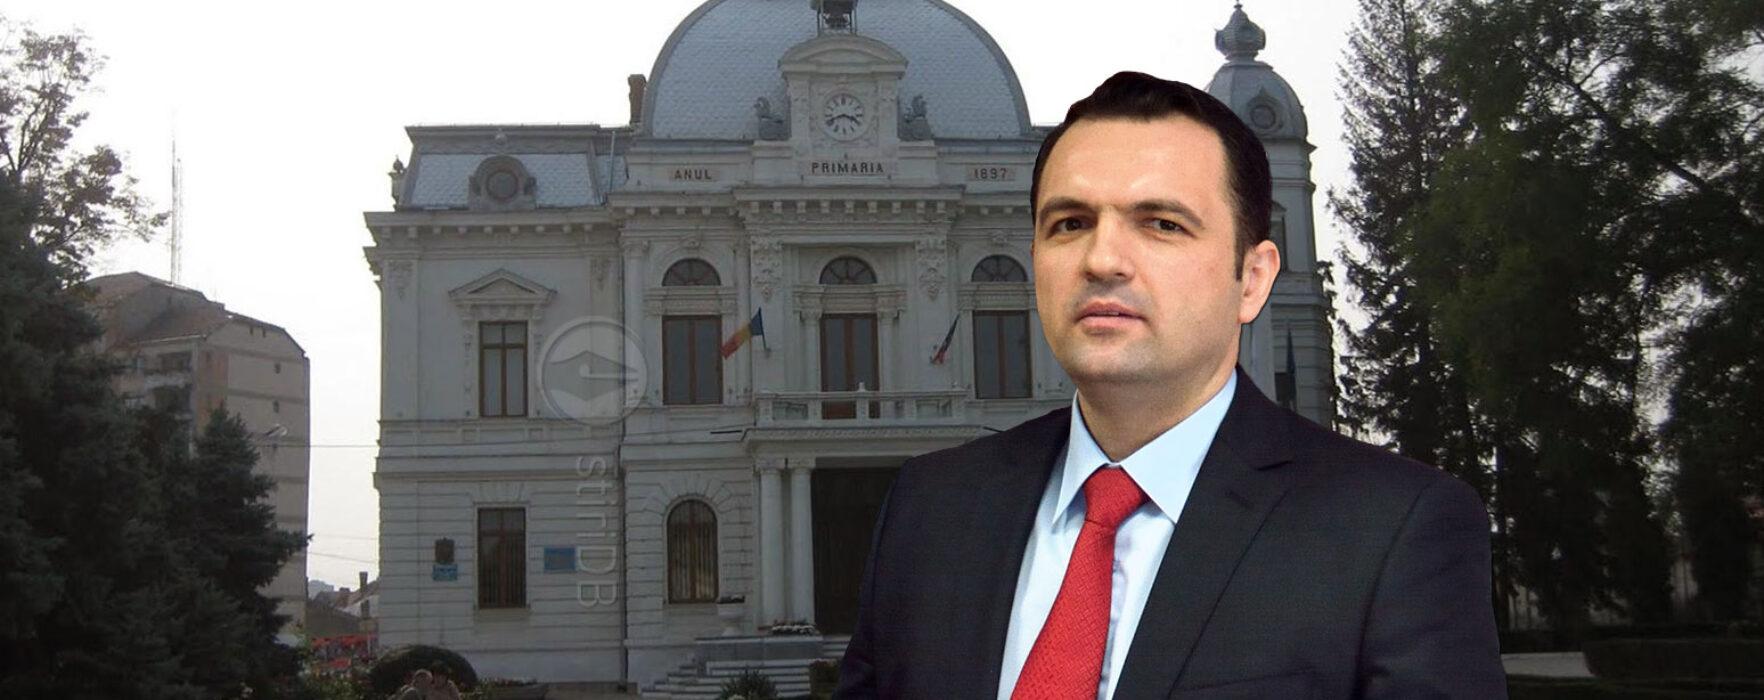 Primar Târgovişte: Se încearcă şantajarea mea, sunt intimidat, ameninţat, voi face plângeri penale (audio)